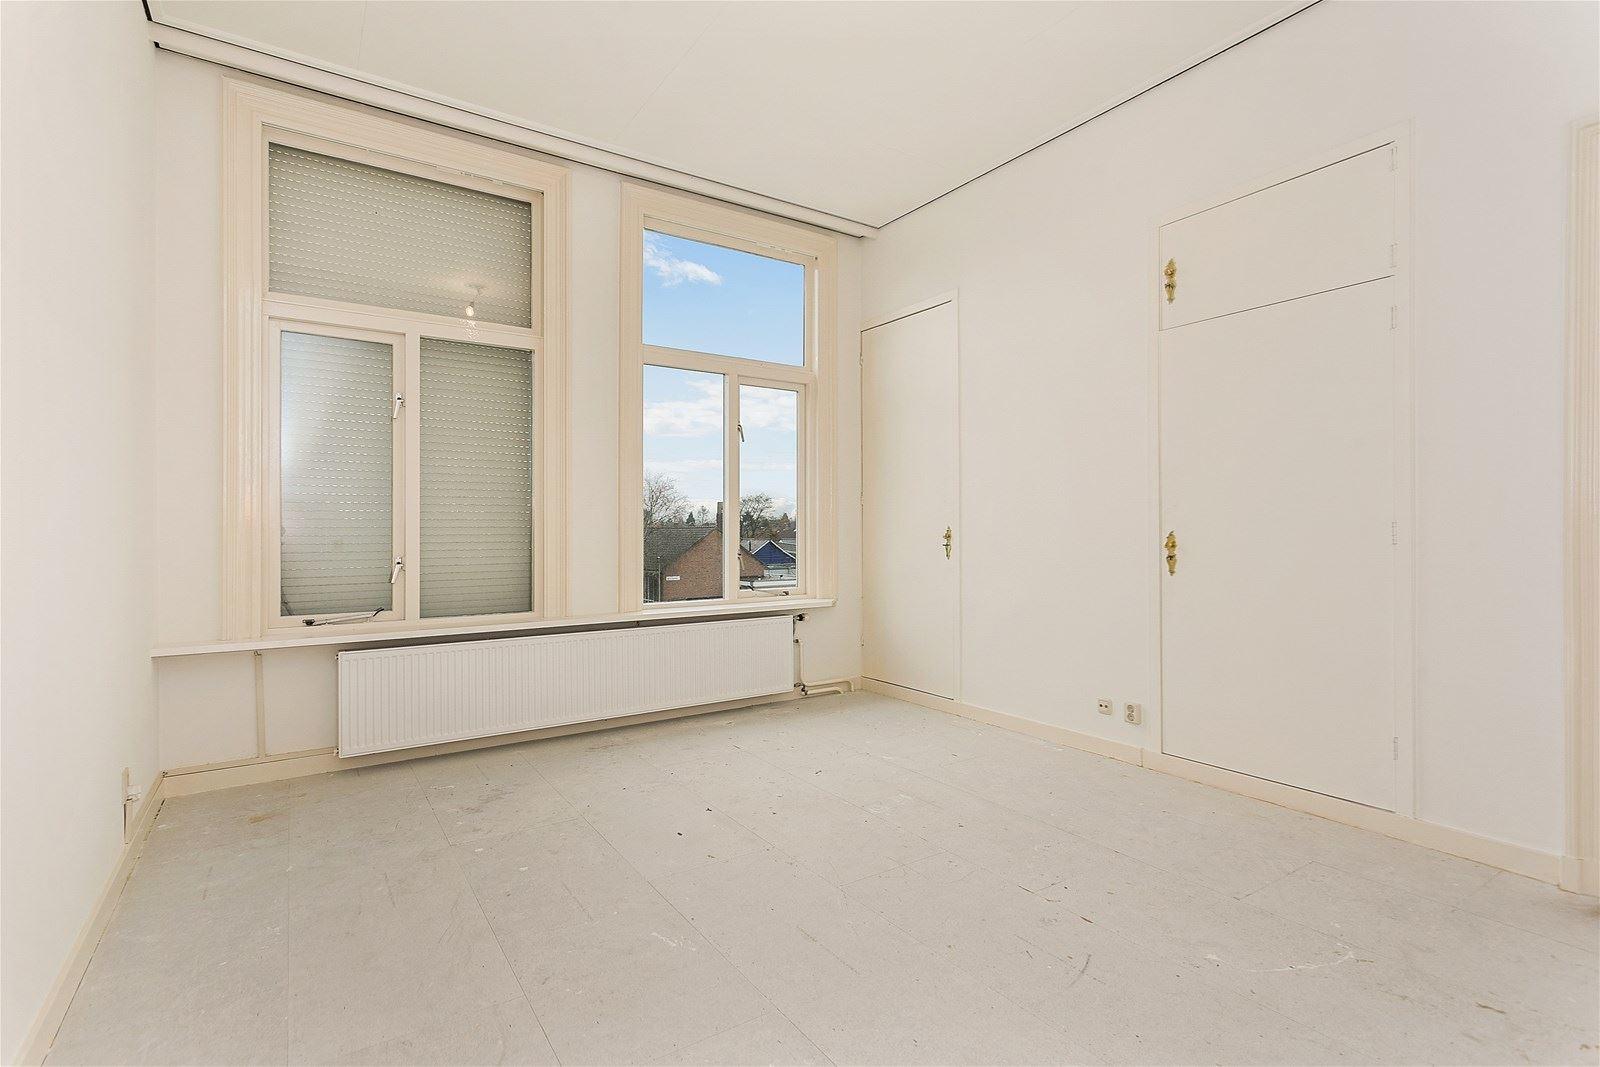 Kantoor te koop: hoofdstraat 24 7901 jp hoogeveen [funda in business]